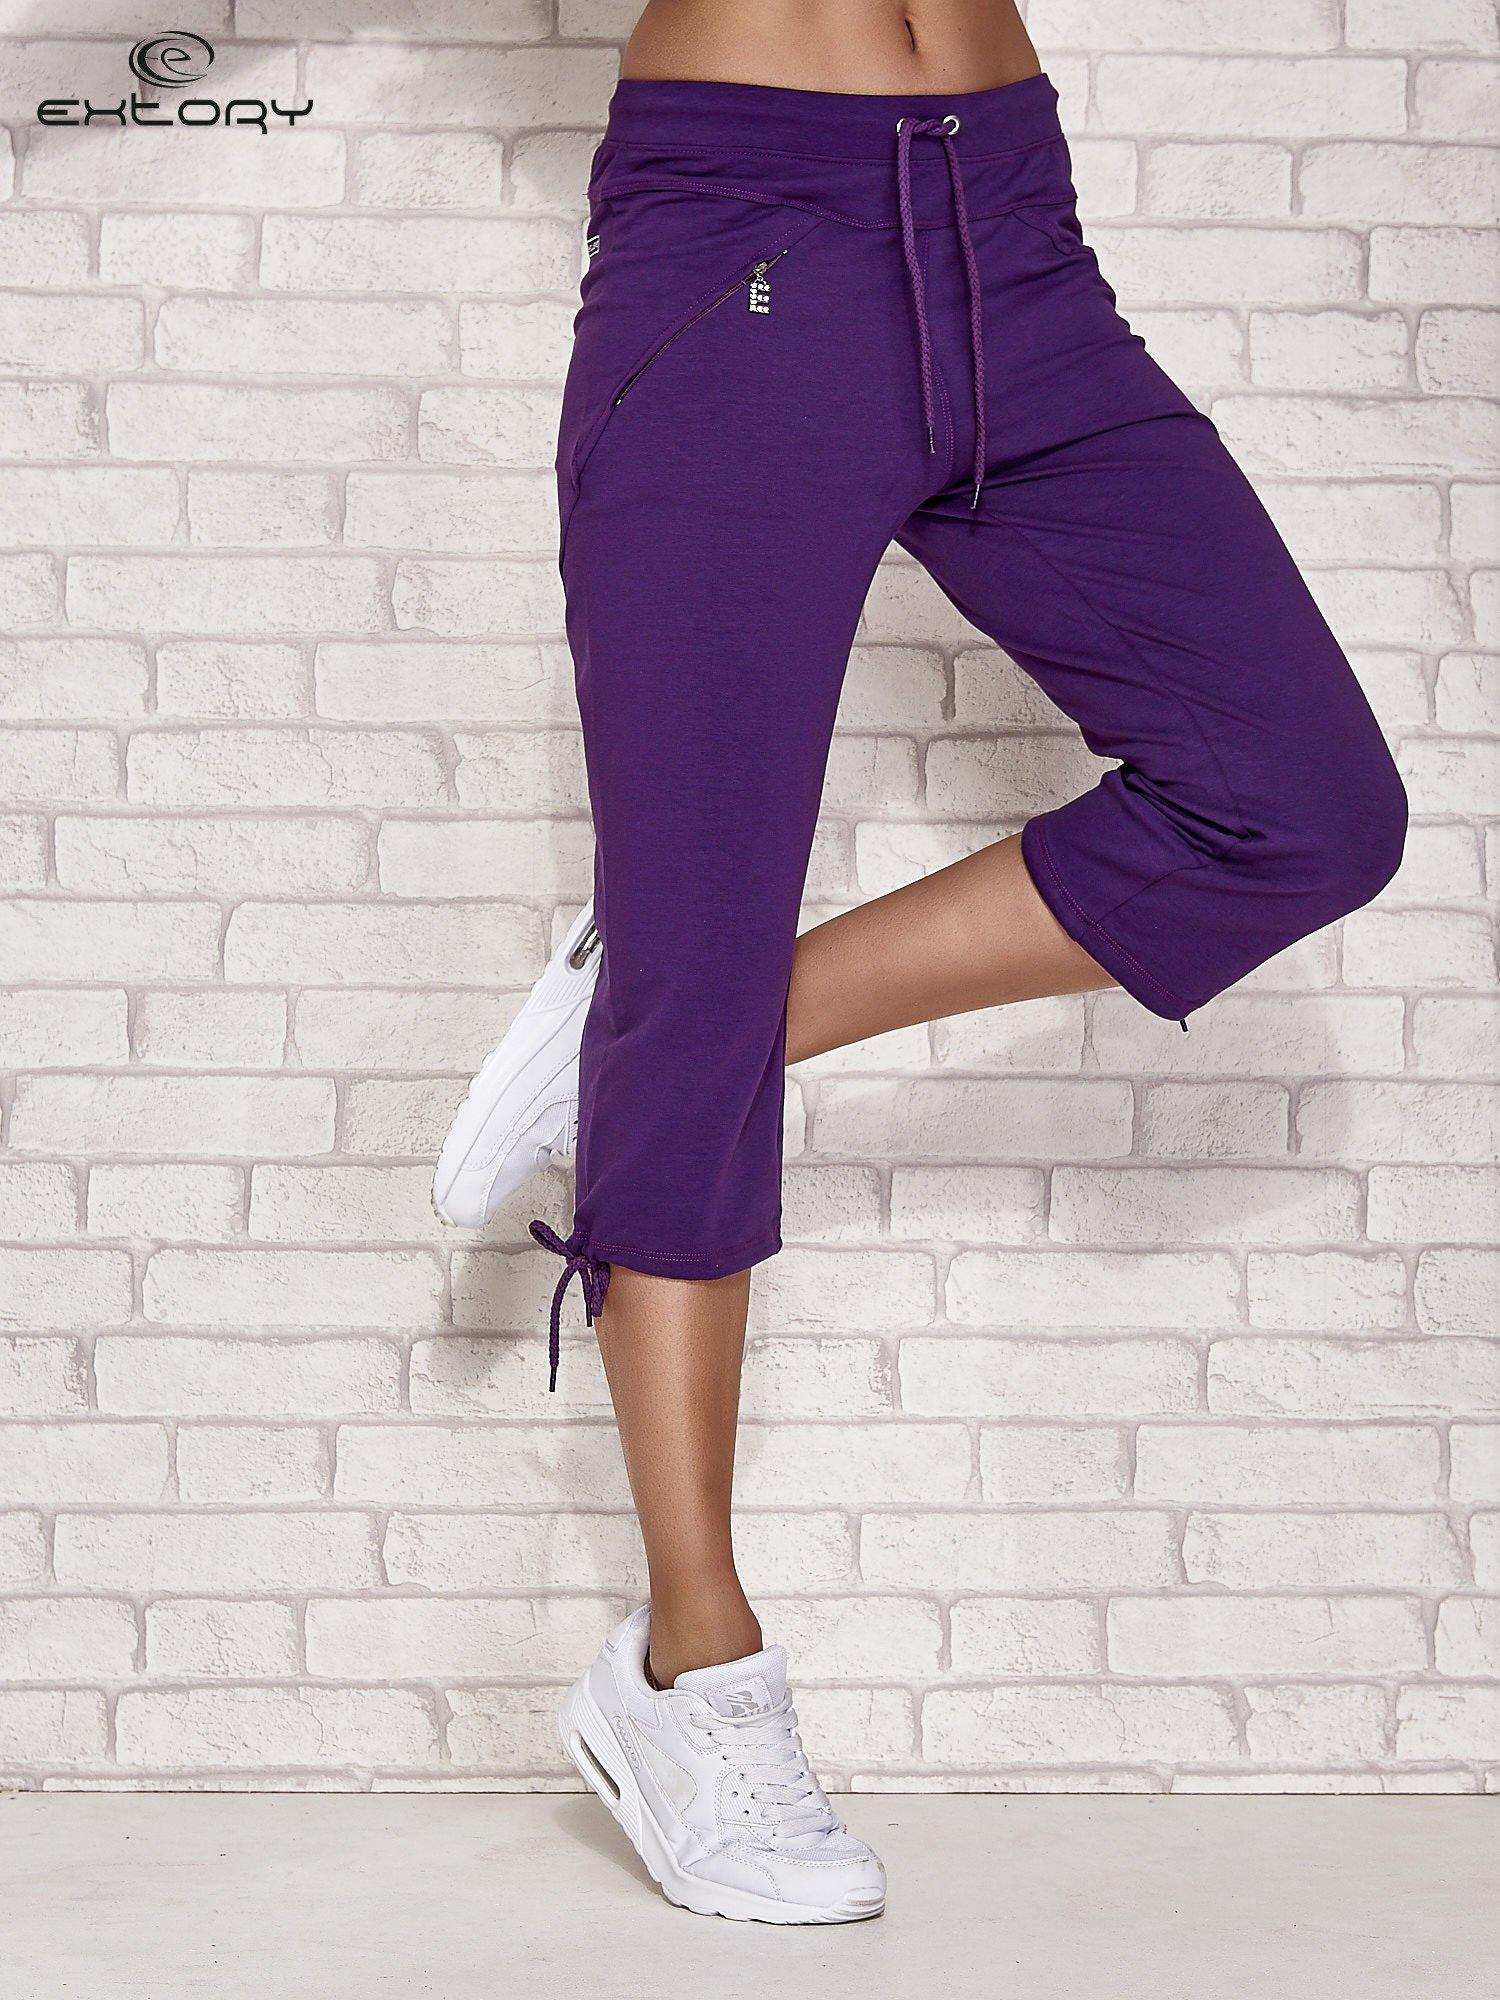 Fioletowe spodnie dresowe capri z kieszonką                                  zdj.                                  1